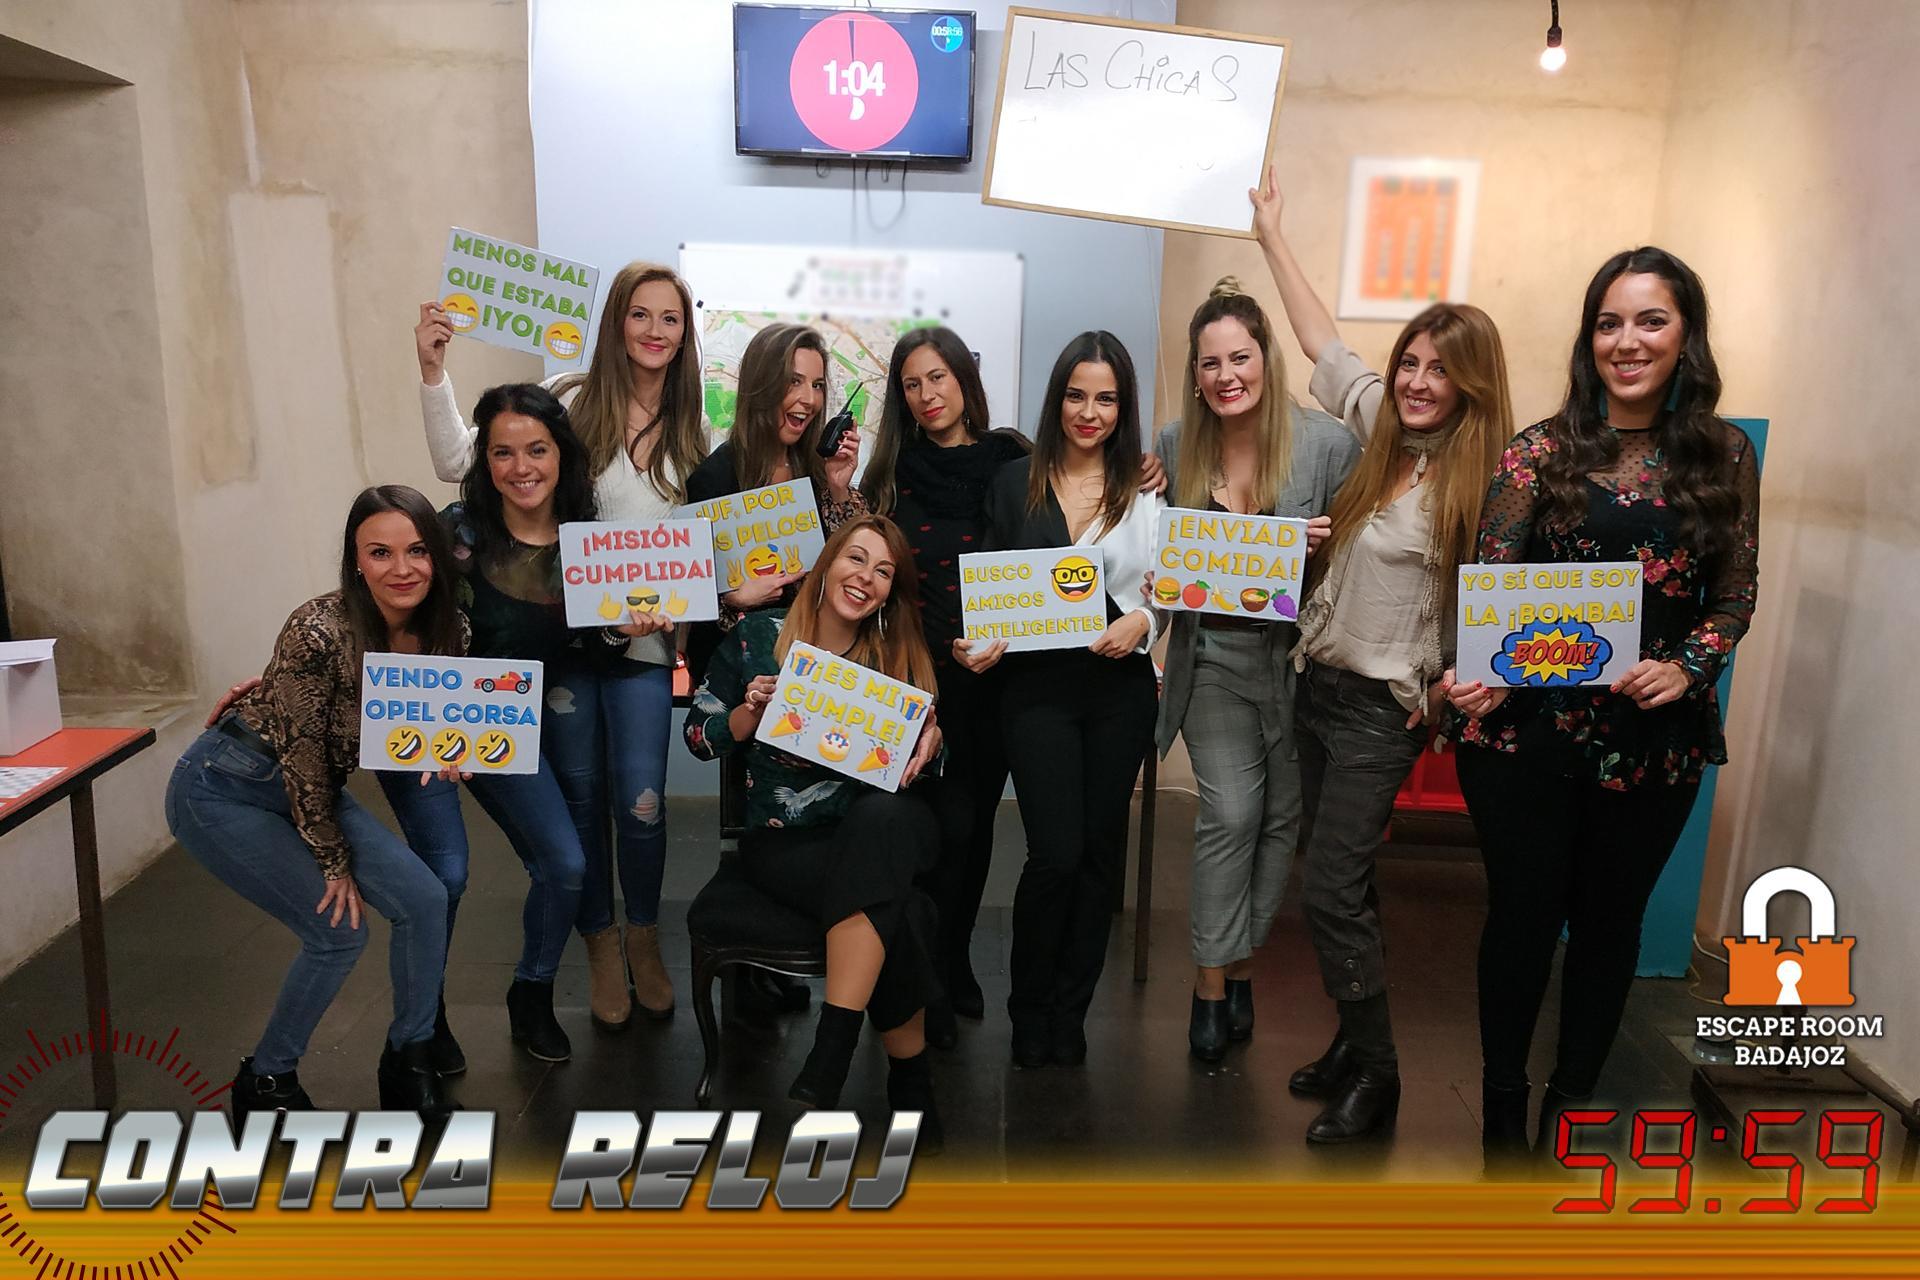 Equipo-Las-chicas-del-barrio-Escape-Room-Badajoz